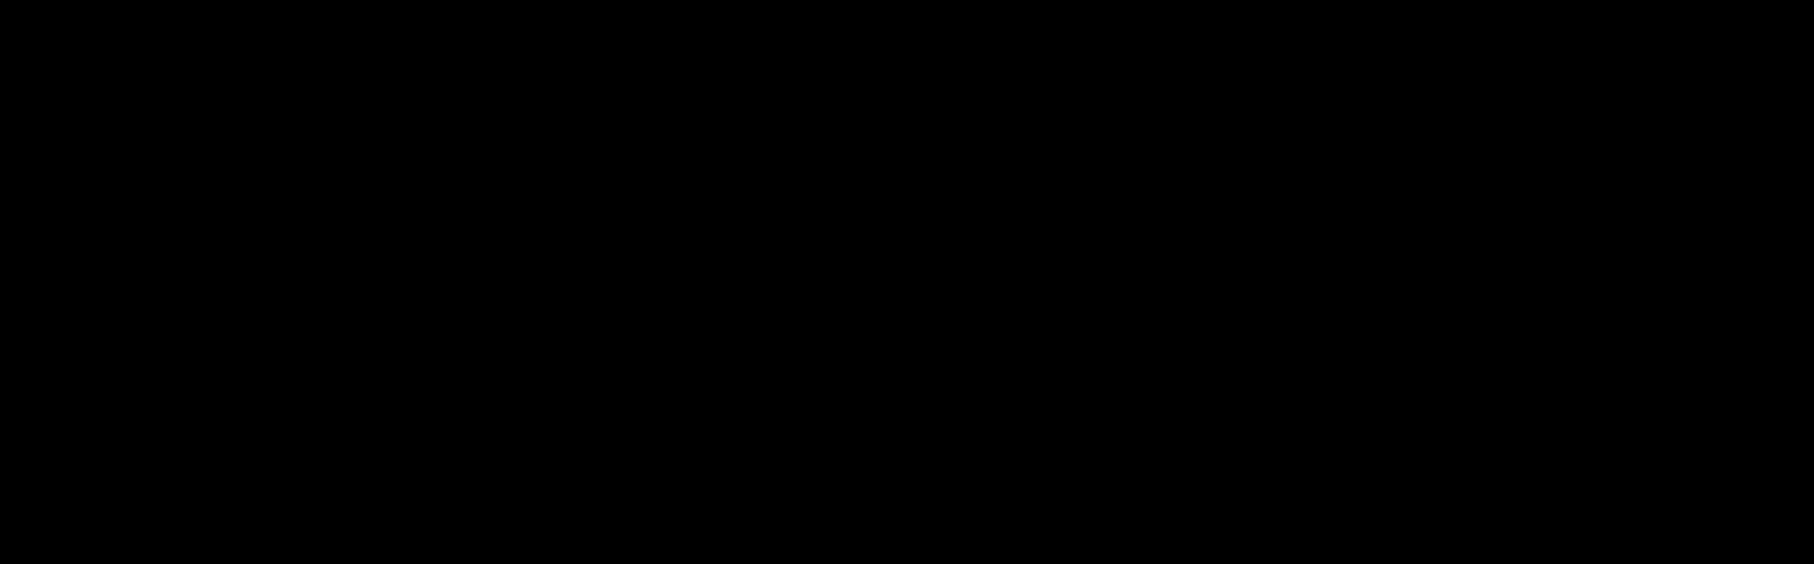 Raspberry ketone glucoside